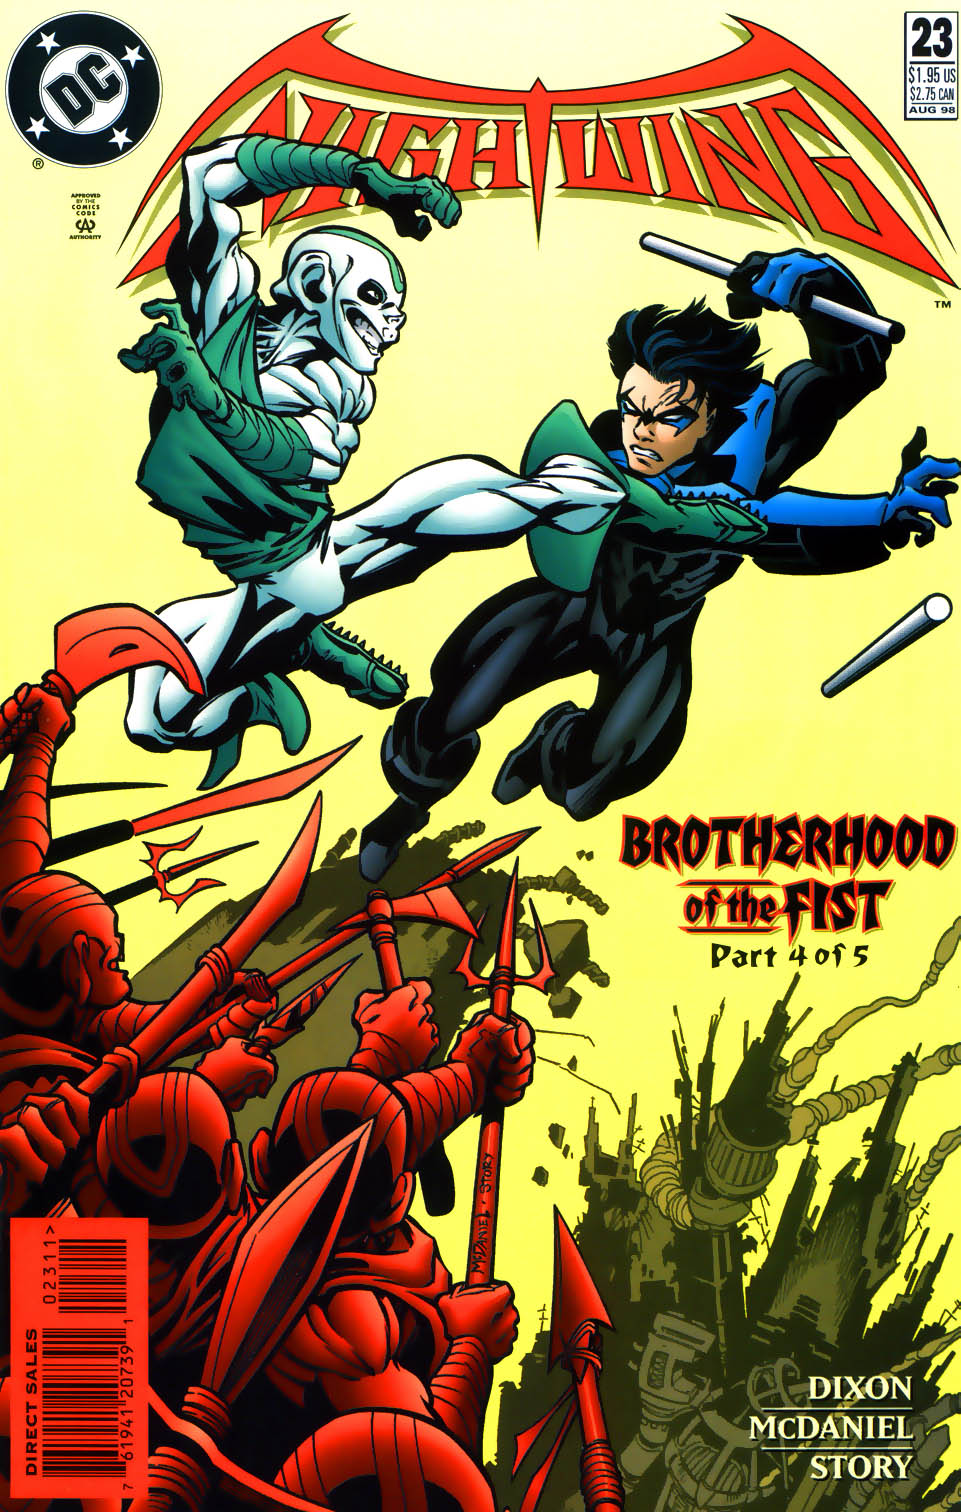 Nightwing 23 pg00.jpg